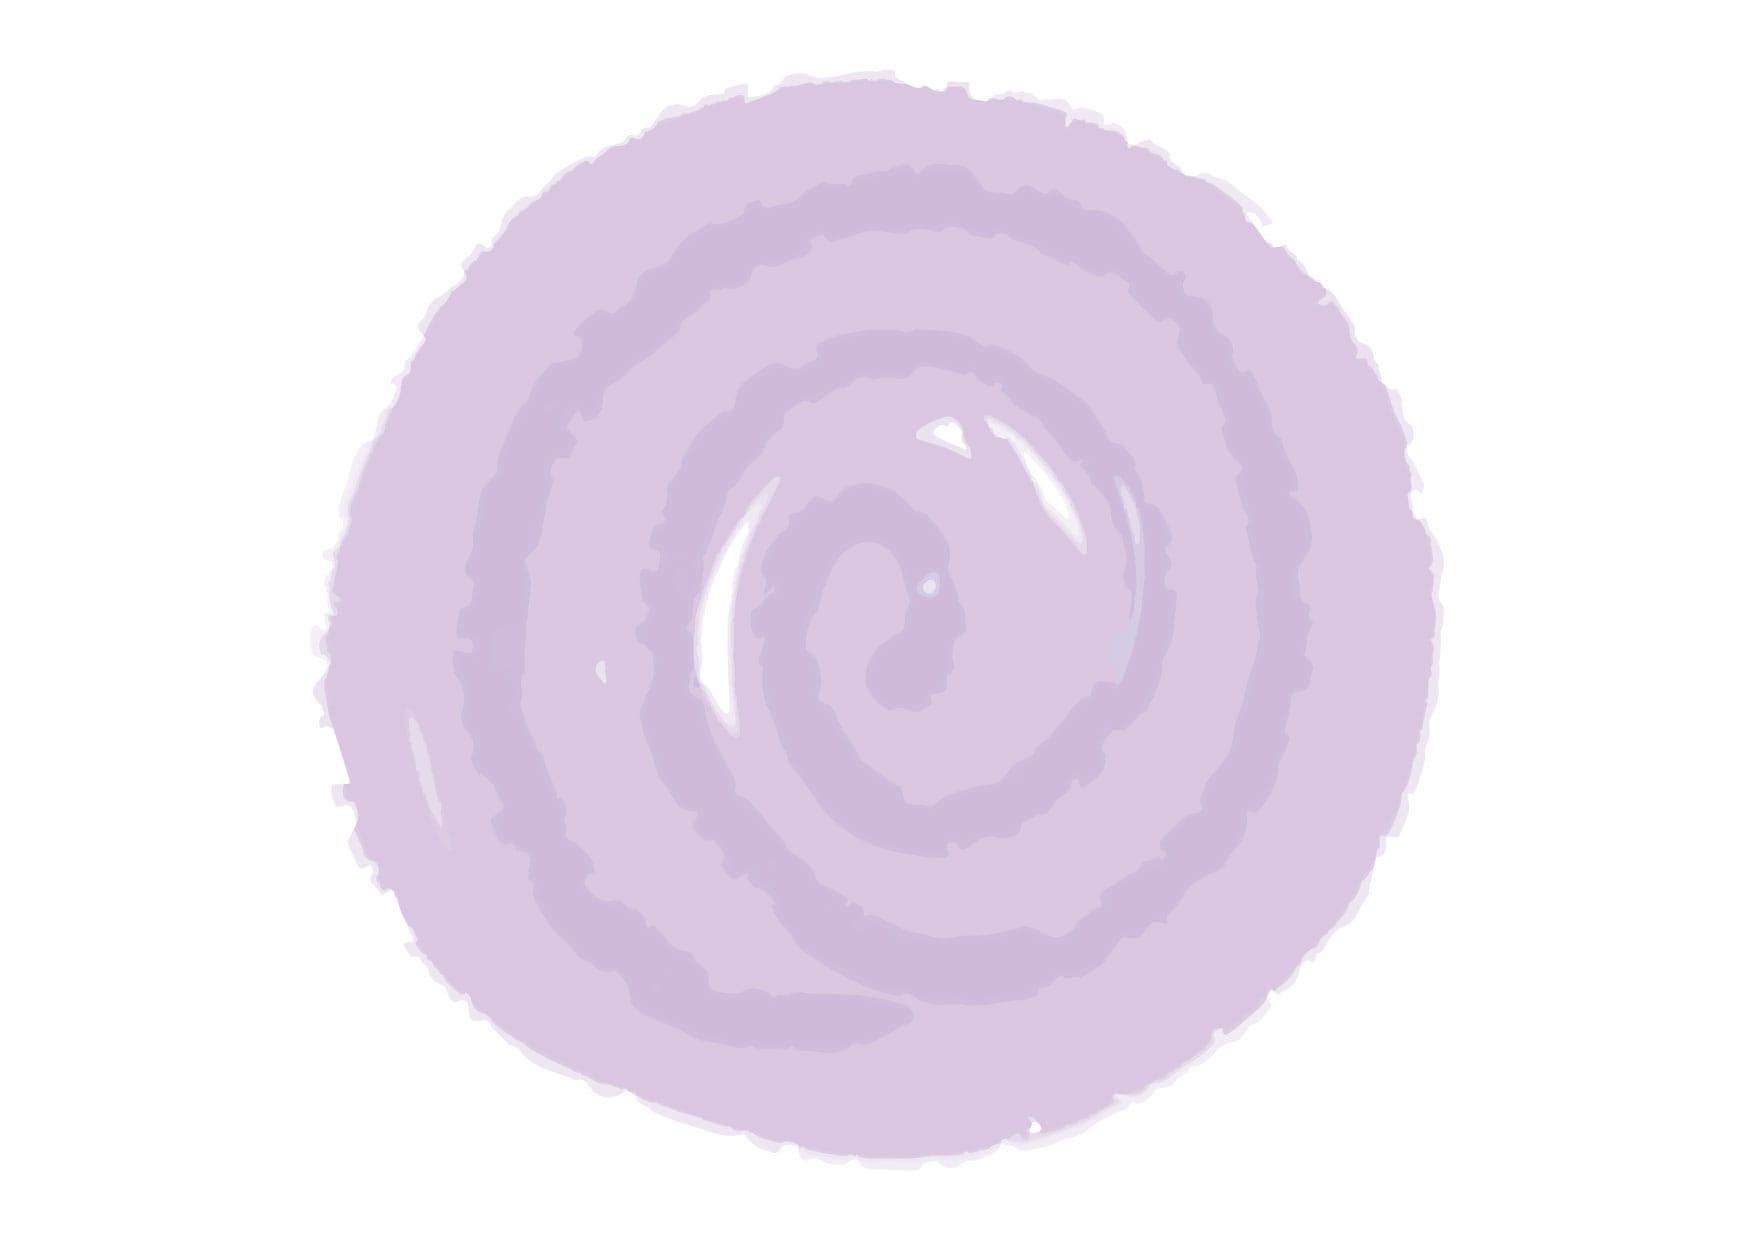 水彩 背景 フレーム 紫色 イラスト 無料